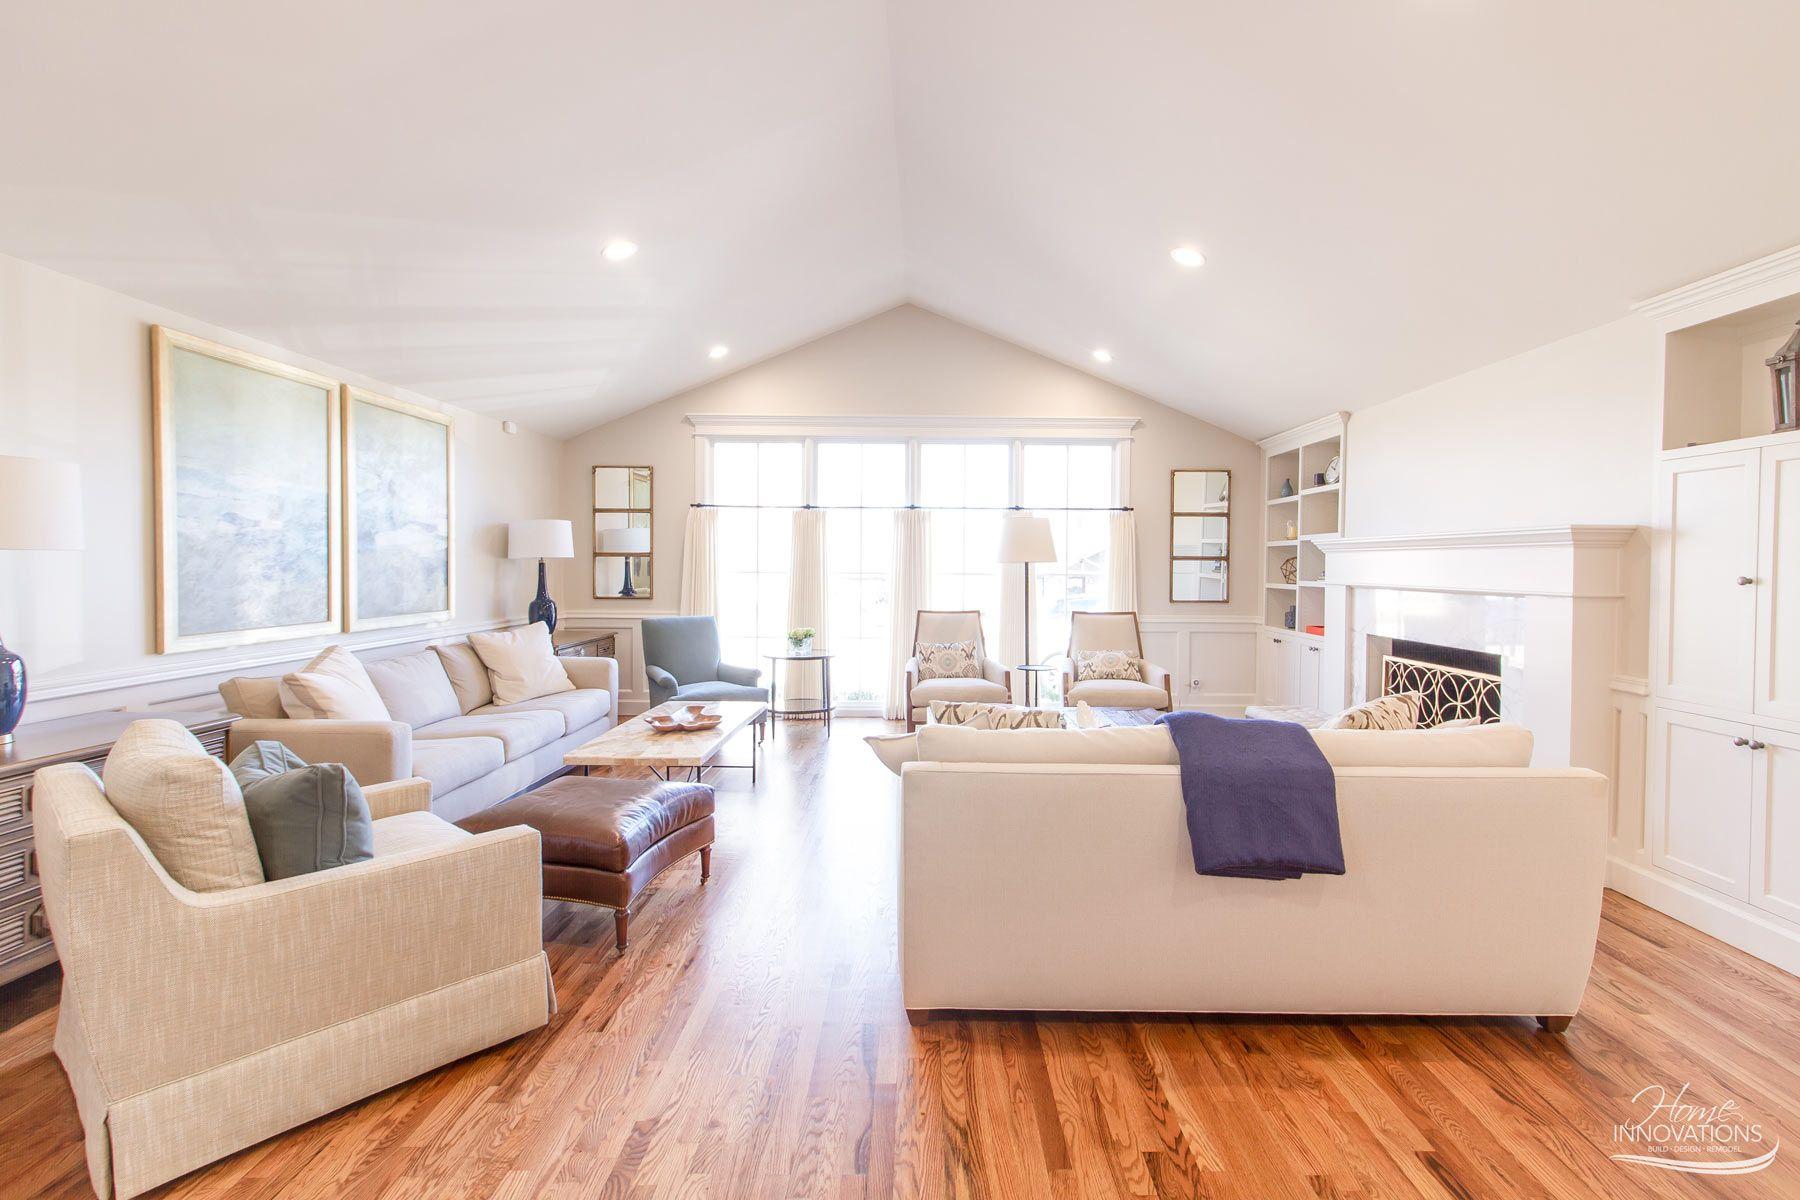 Living Room Remodel | Tulsa OK - Sherwin Williams Natural Tan walls ...